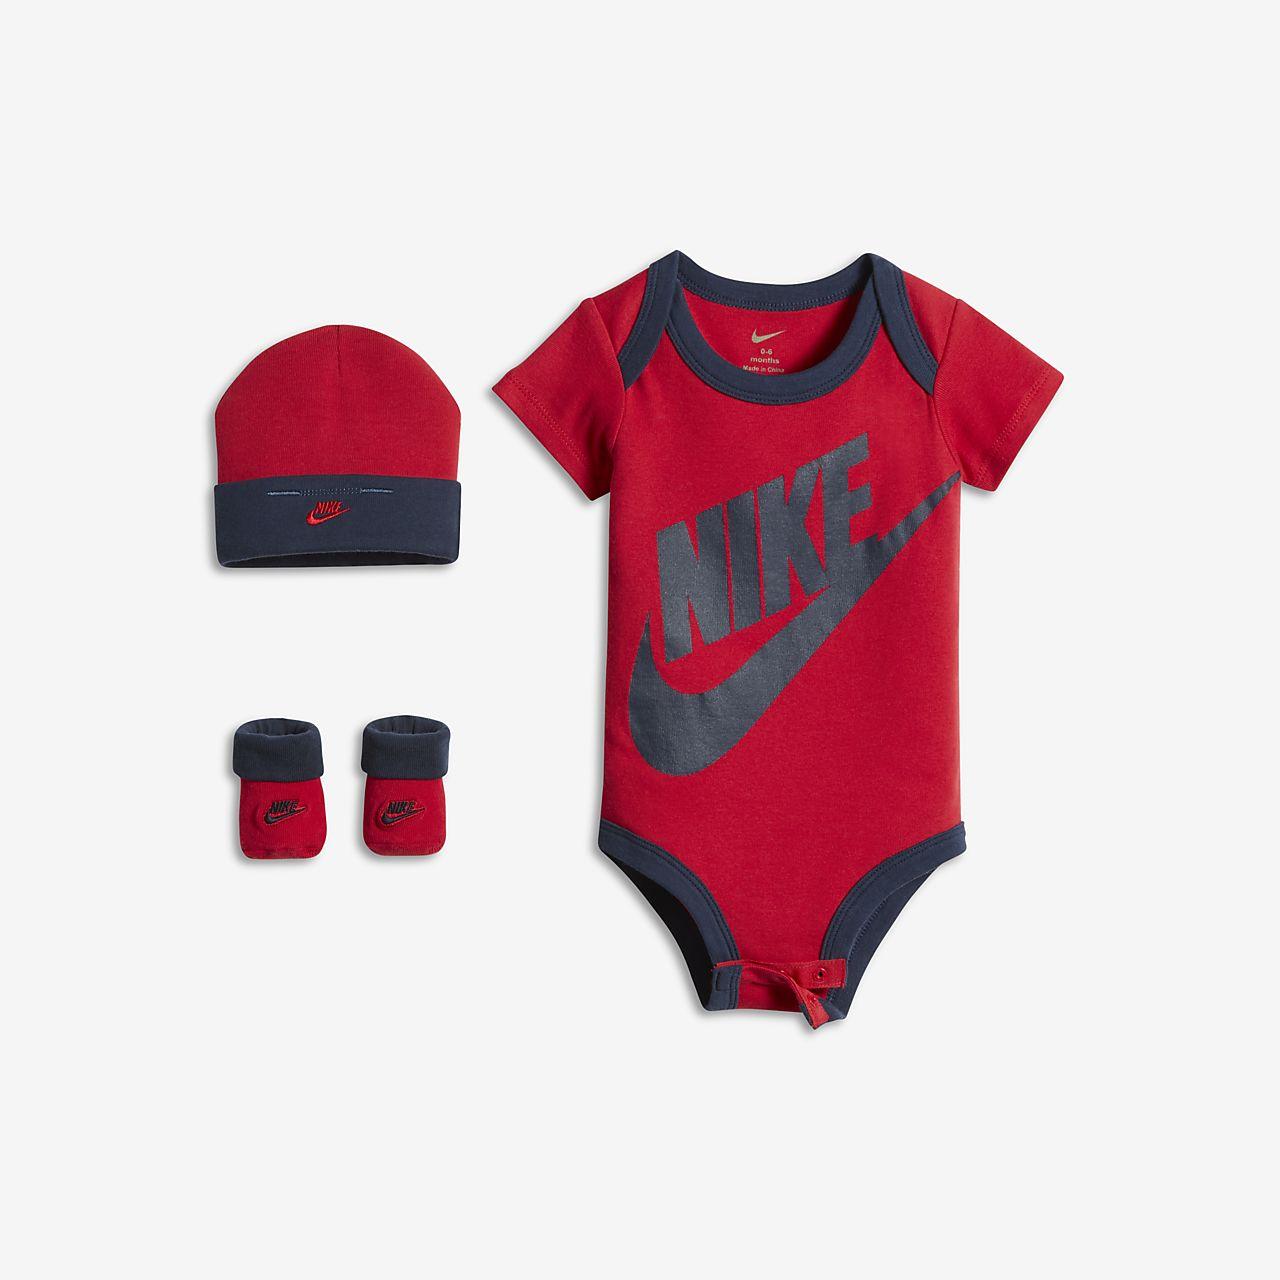 Nouvelles Arrivées 864b4 ede69 bonnet nike pour bebe